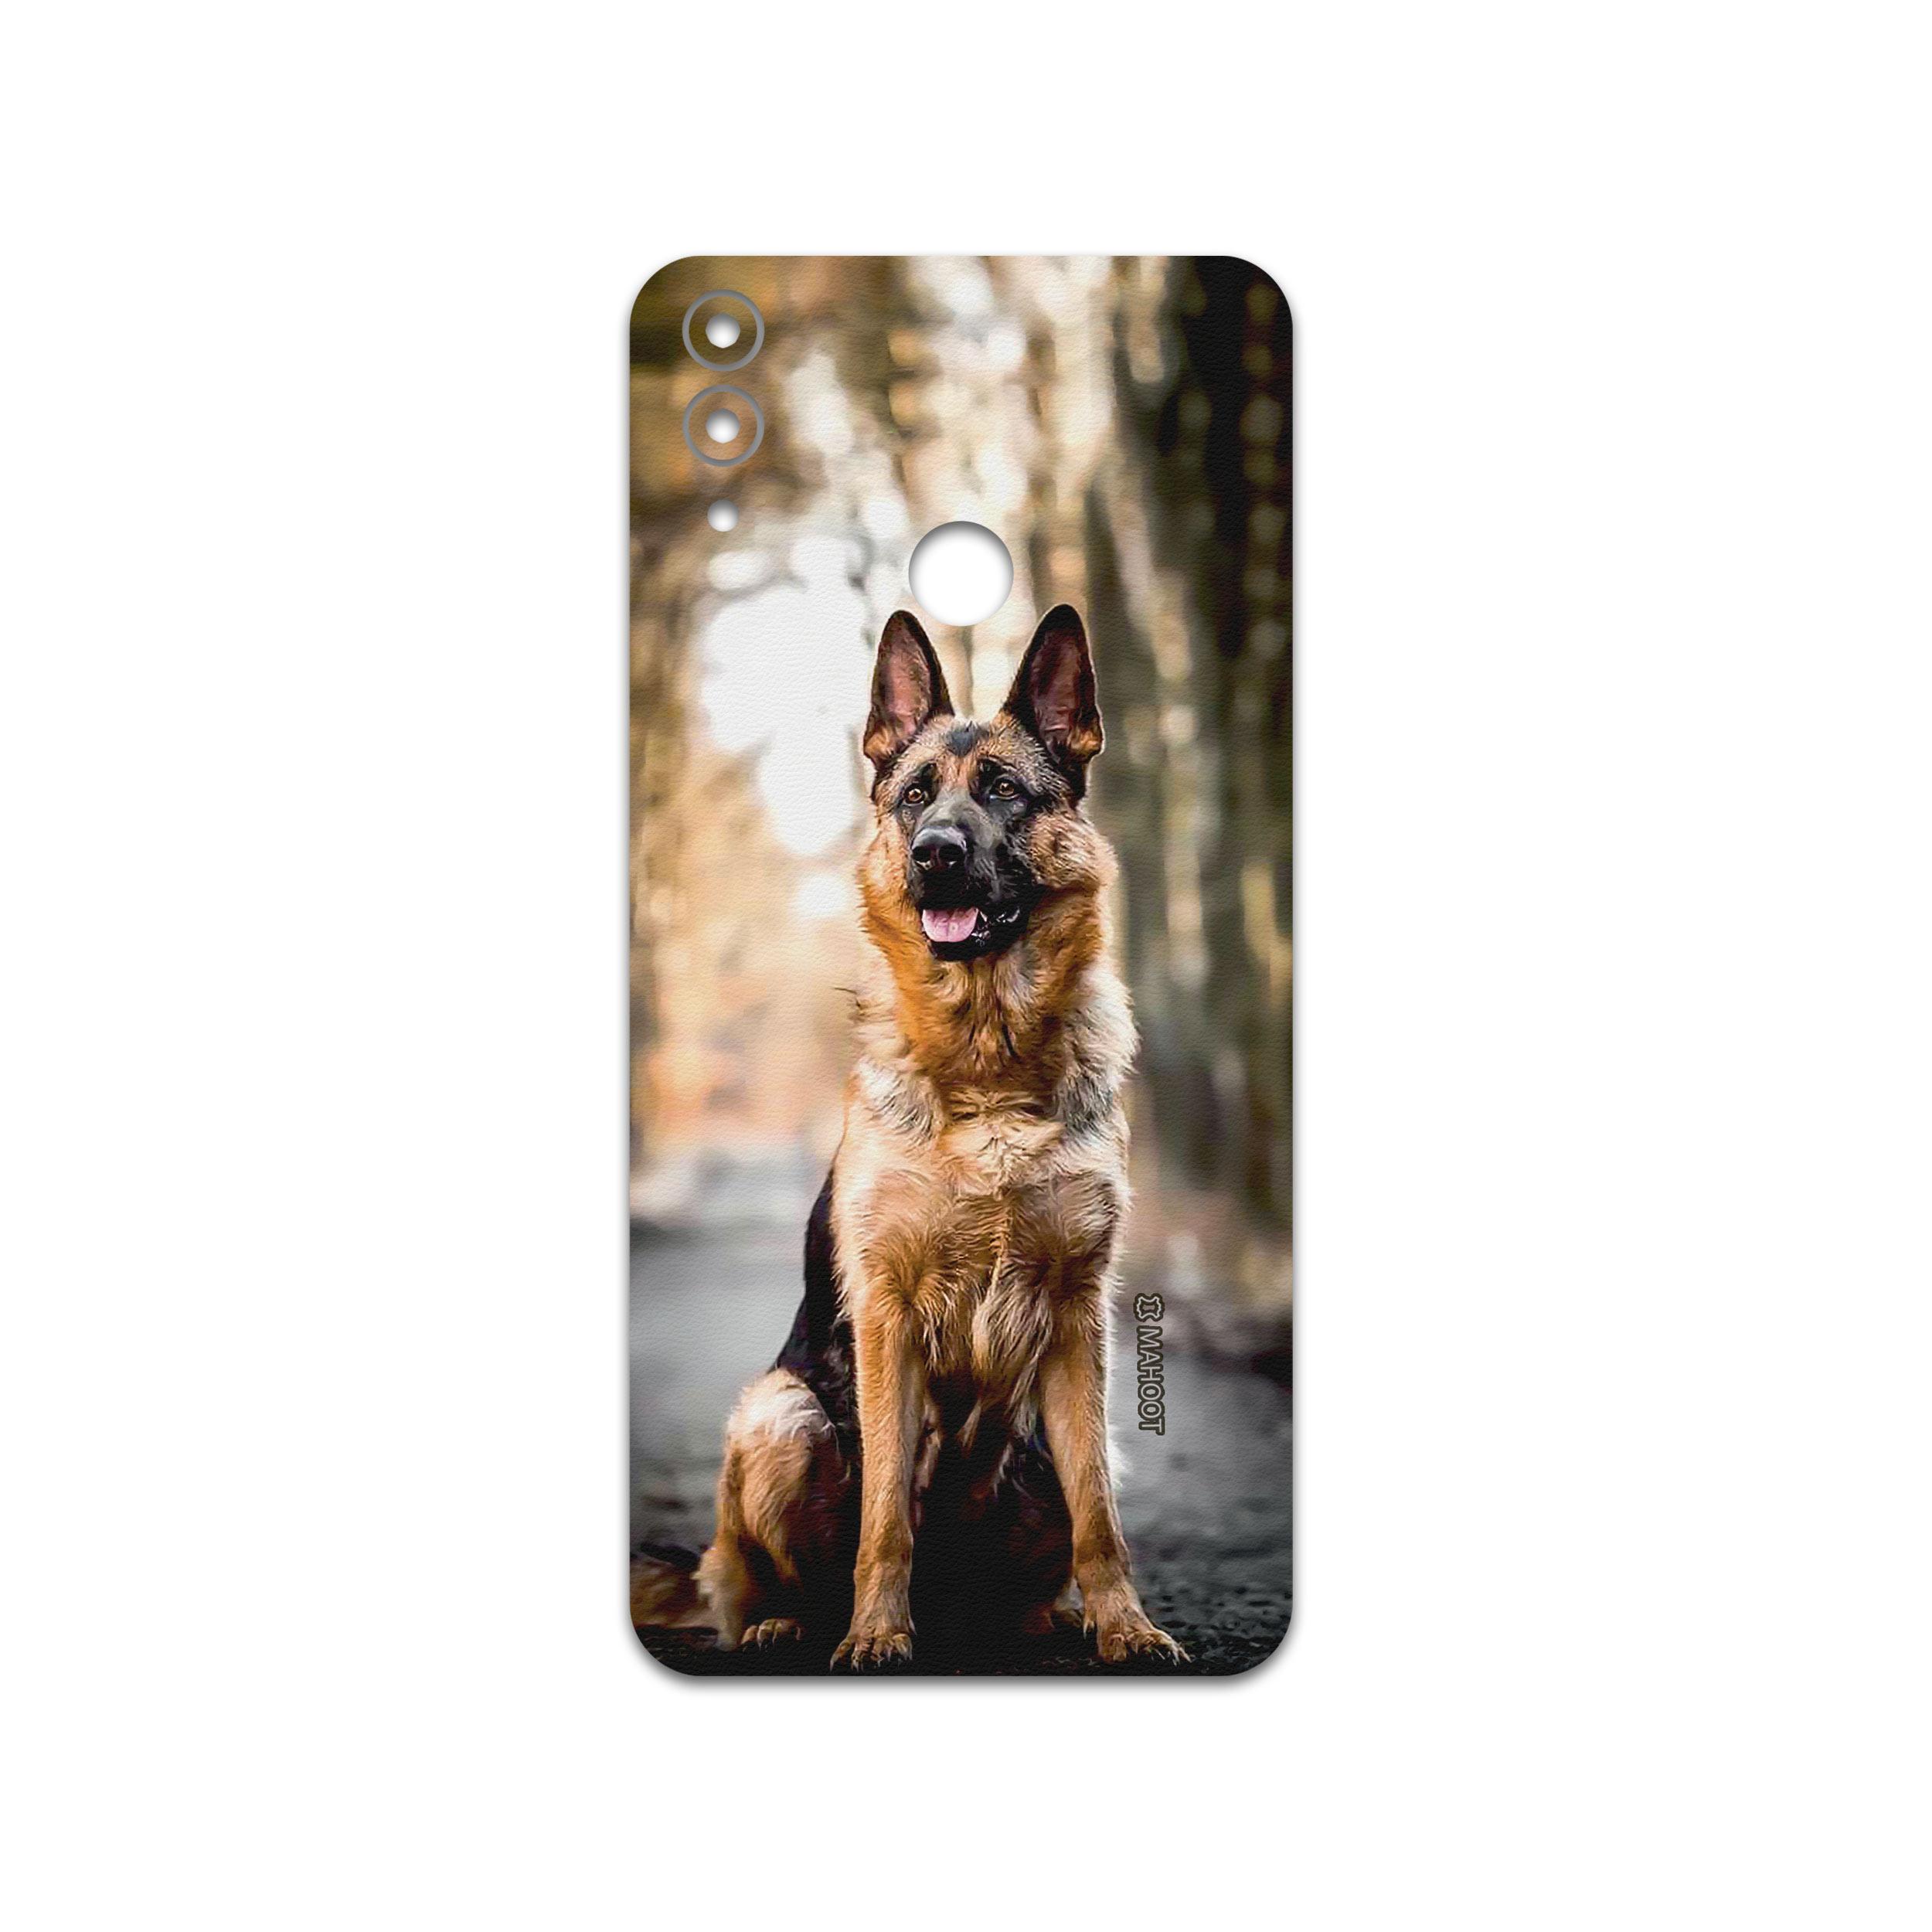 برچسب پوششی ماهوت مدل Dog-1 مناسب برای گوشی موبایل آنر 8c